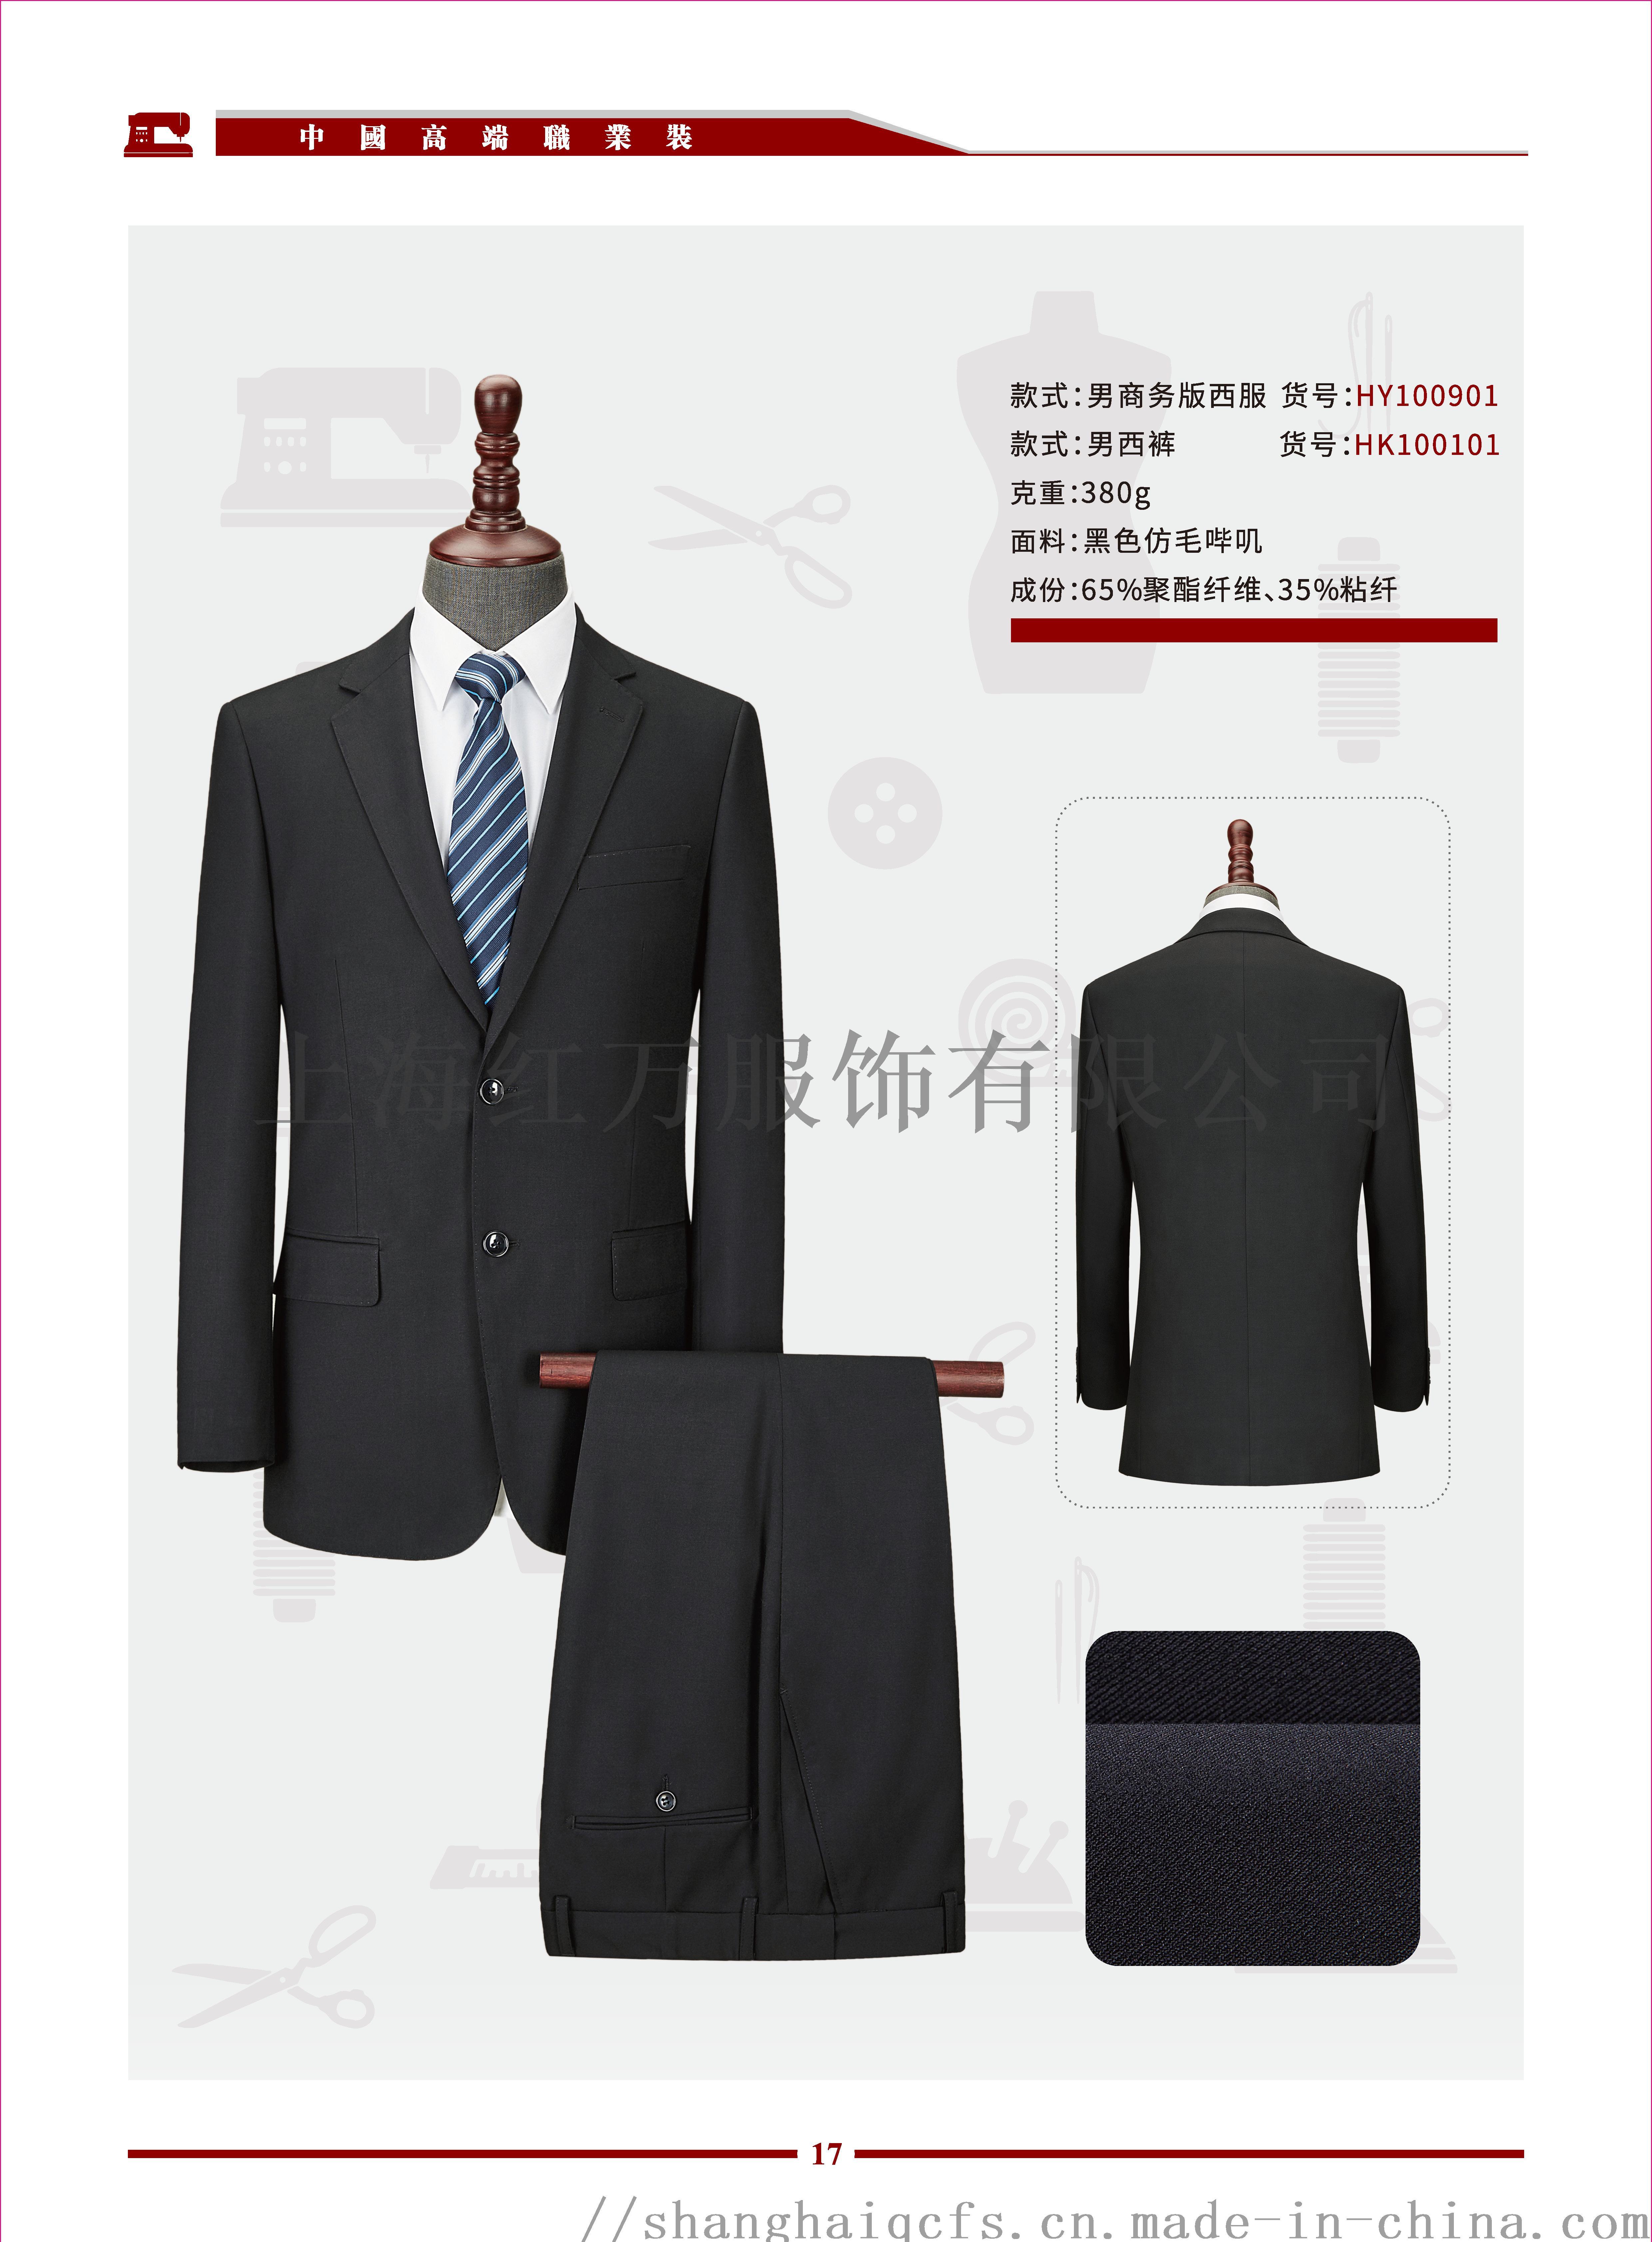 西装 职业服装定制 西服定制814113605